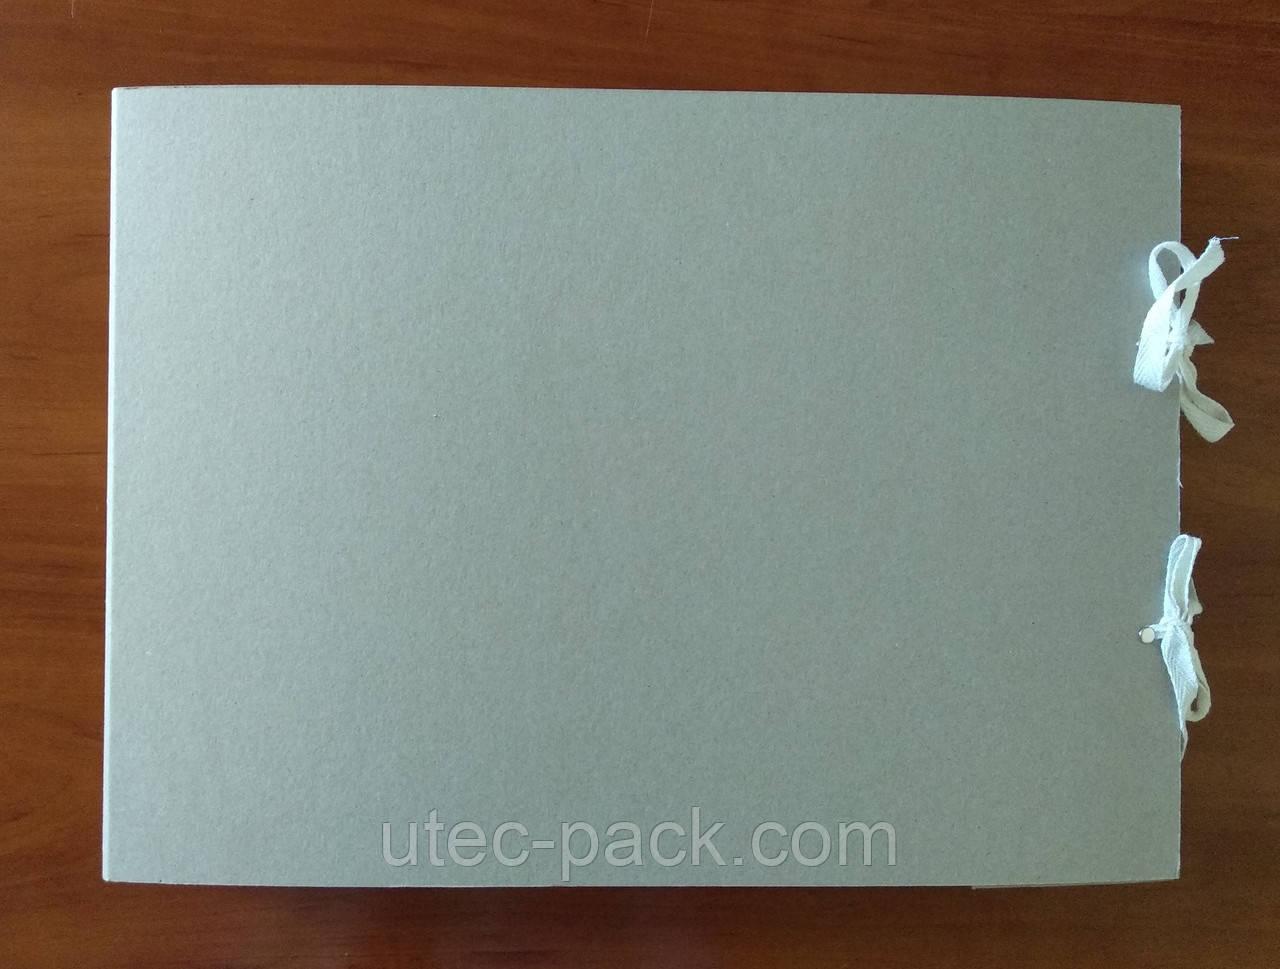 Папка архивная для альбомного хранения документов А3 на завязках, высота корешка 40 мм  без титульной страницы